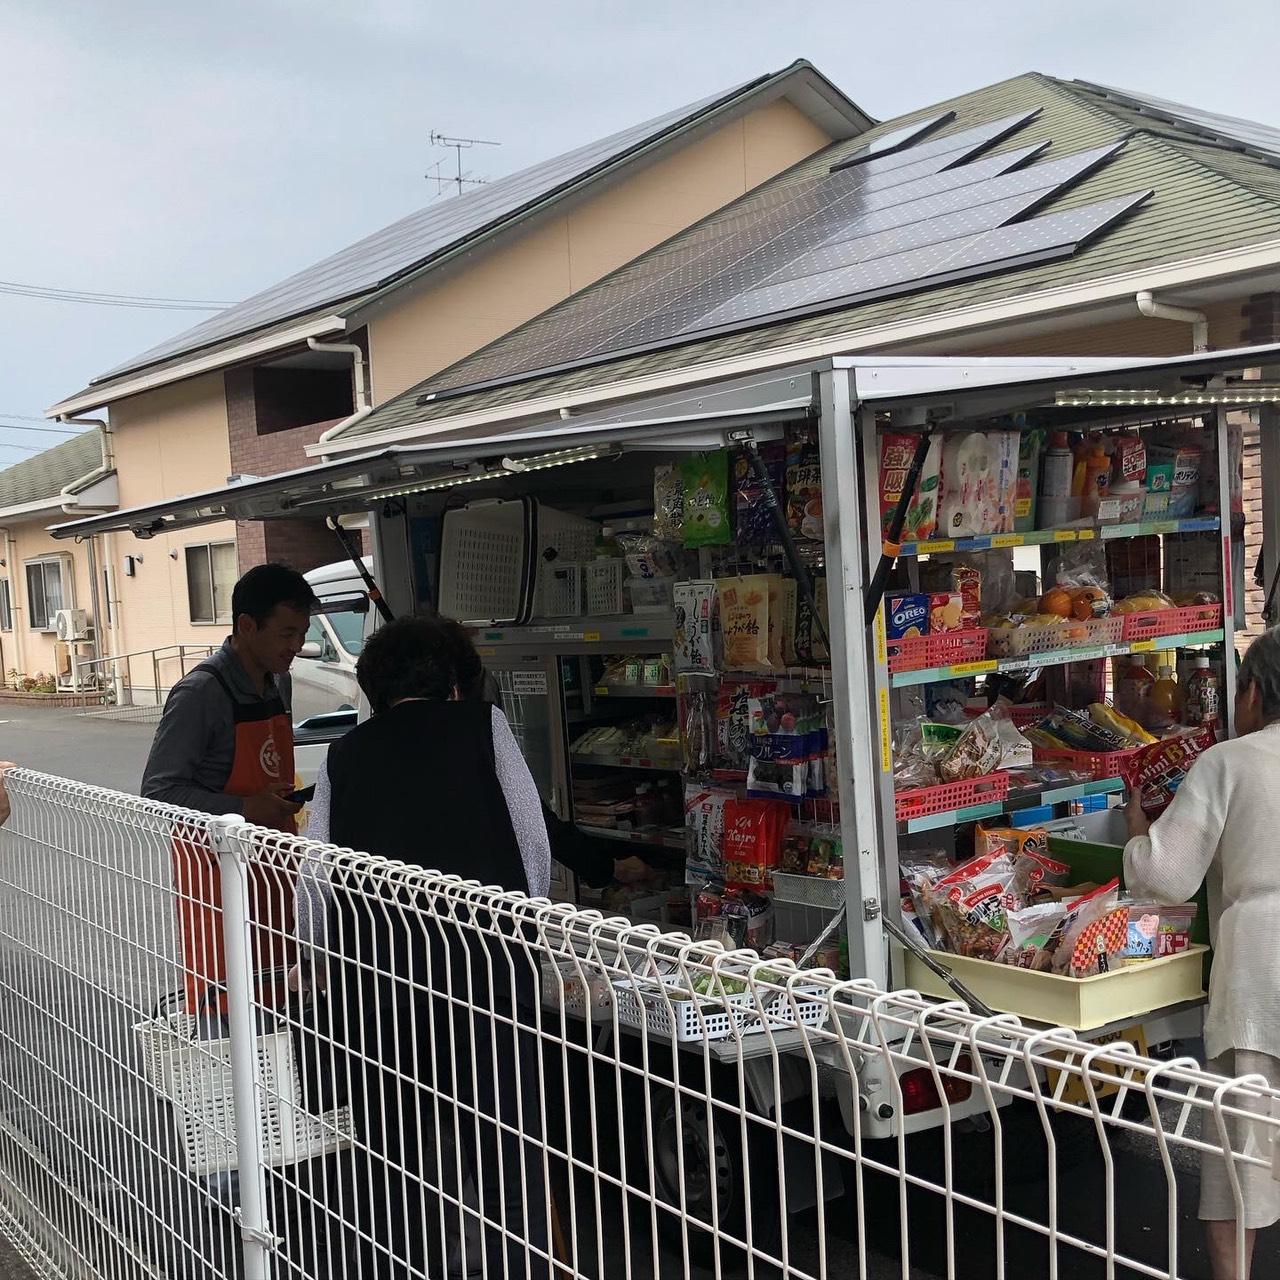 2019年10月7日 移動販売スーパー